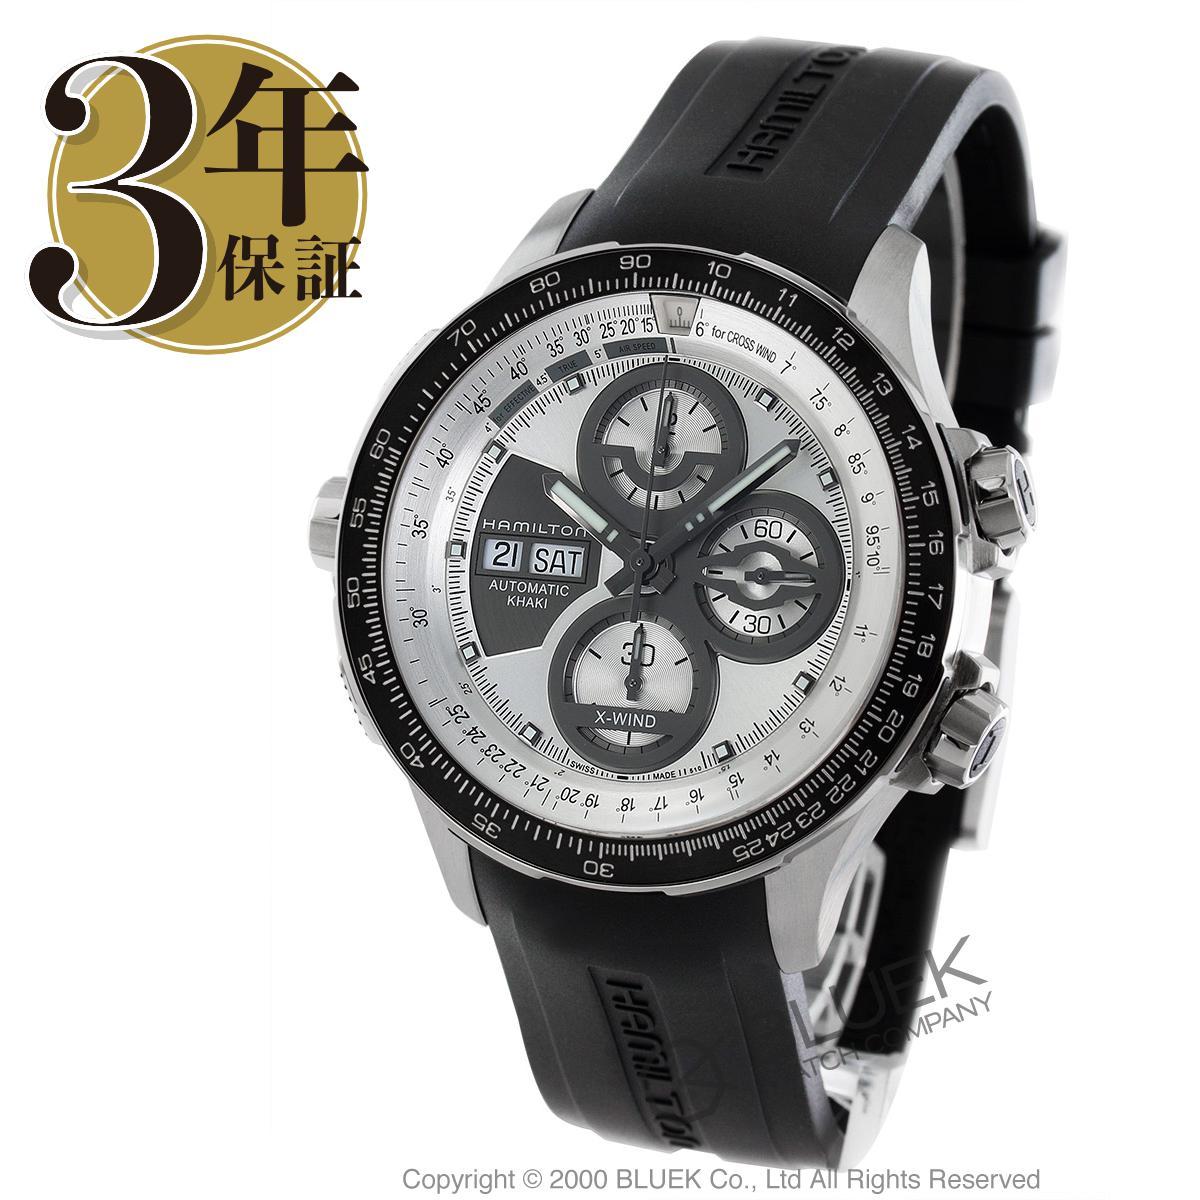 ハミルトン カーキ アビエーション X-ウィンド 世界限定1999本 クロノグラフ 腕時計 メンズ HAMILTON H77726351_8